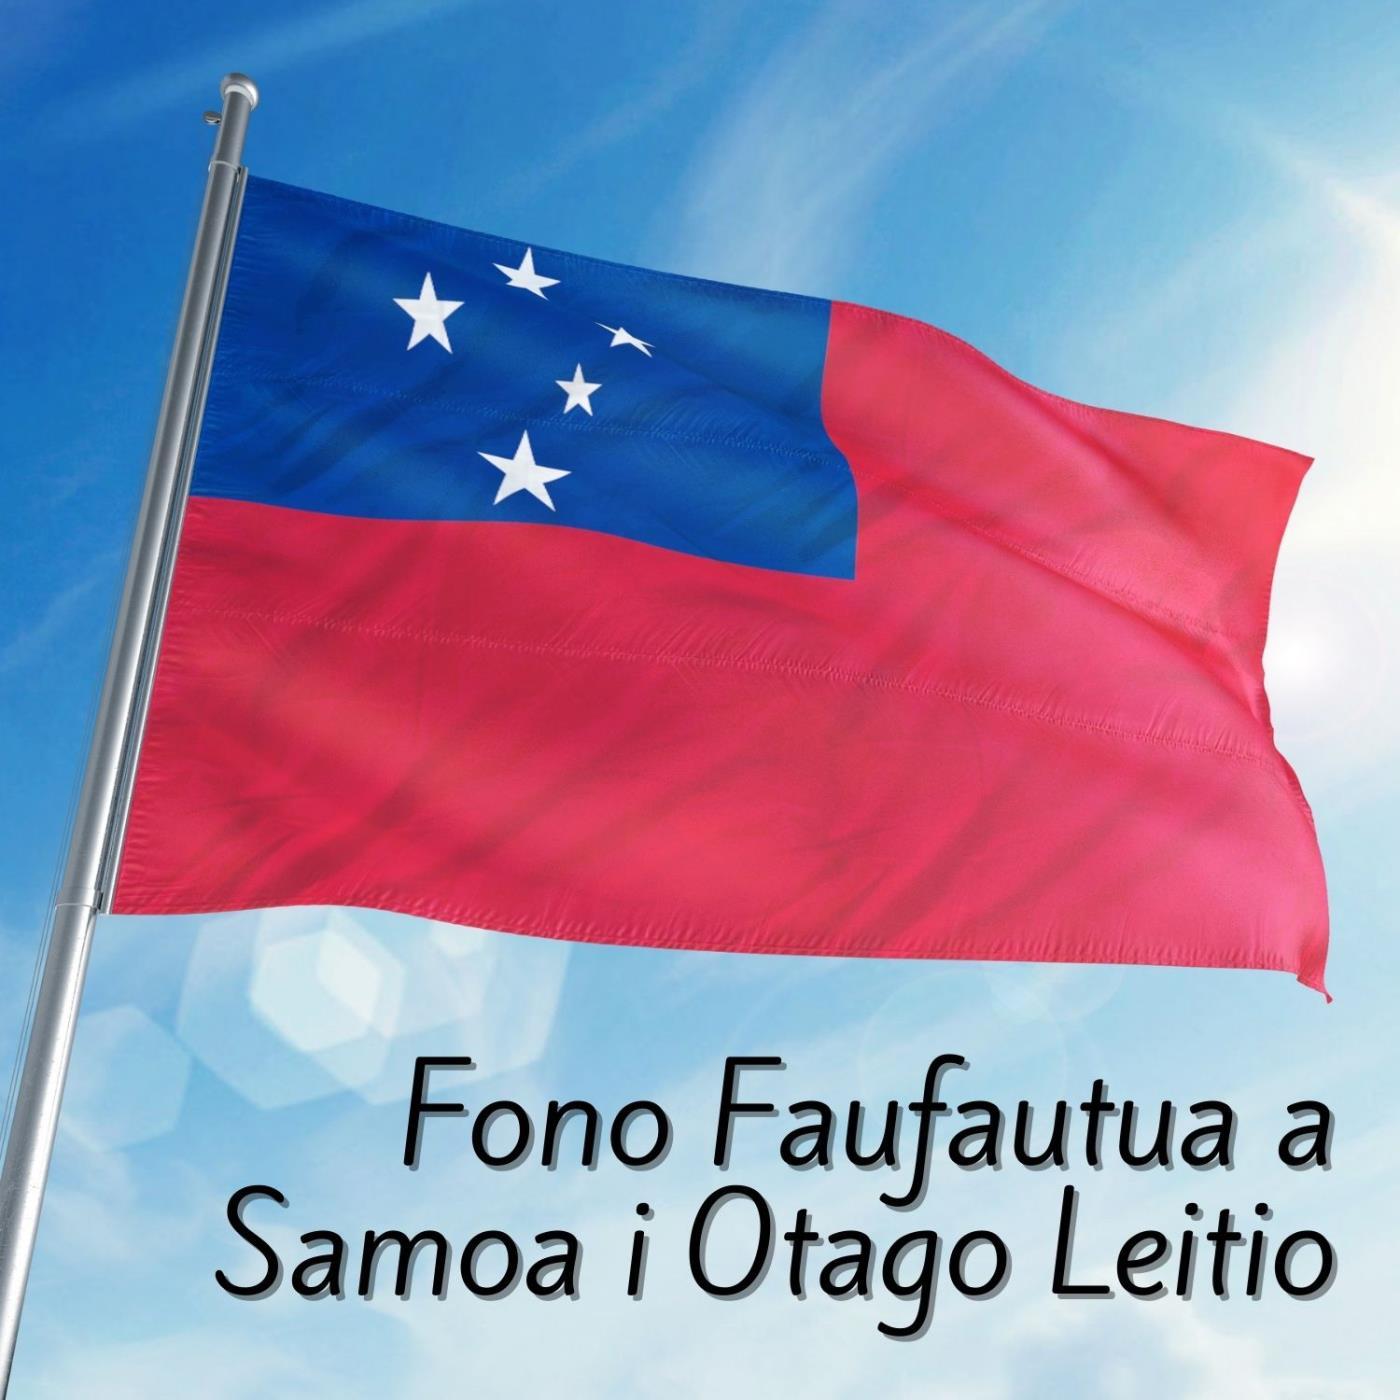 Fono Faufautua a Samoa i Otago Leitio